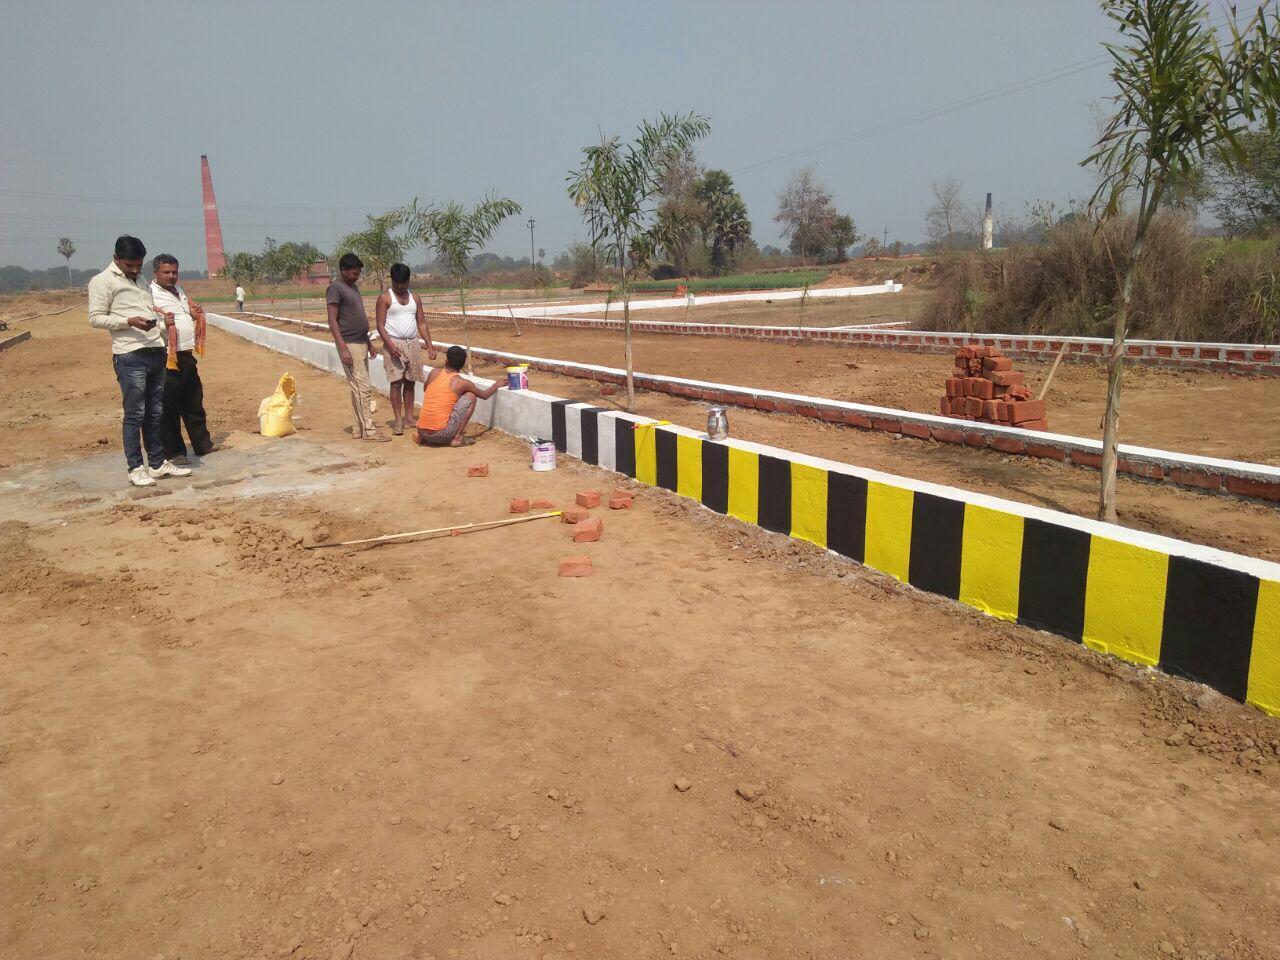 Patna Bihar Ki Rajdhani Main Awasiyaaashiq Palat Lene Hetu Sampark Kare Booking Amount Mat 25 Pratishat Tata 1 Se 5 Saal Ki Assan Masik Ke Bina Byaj Ka